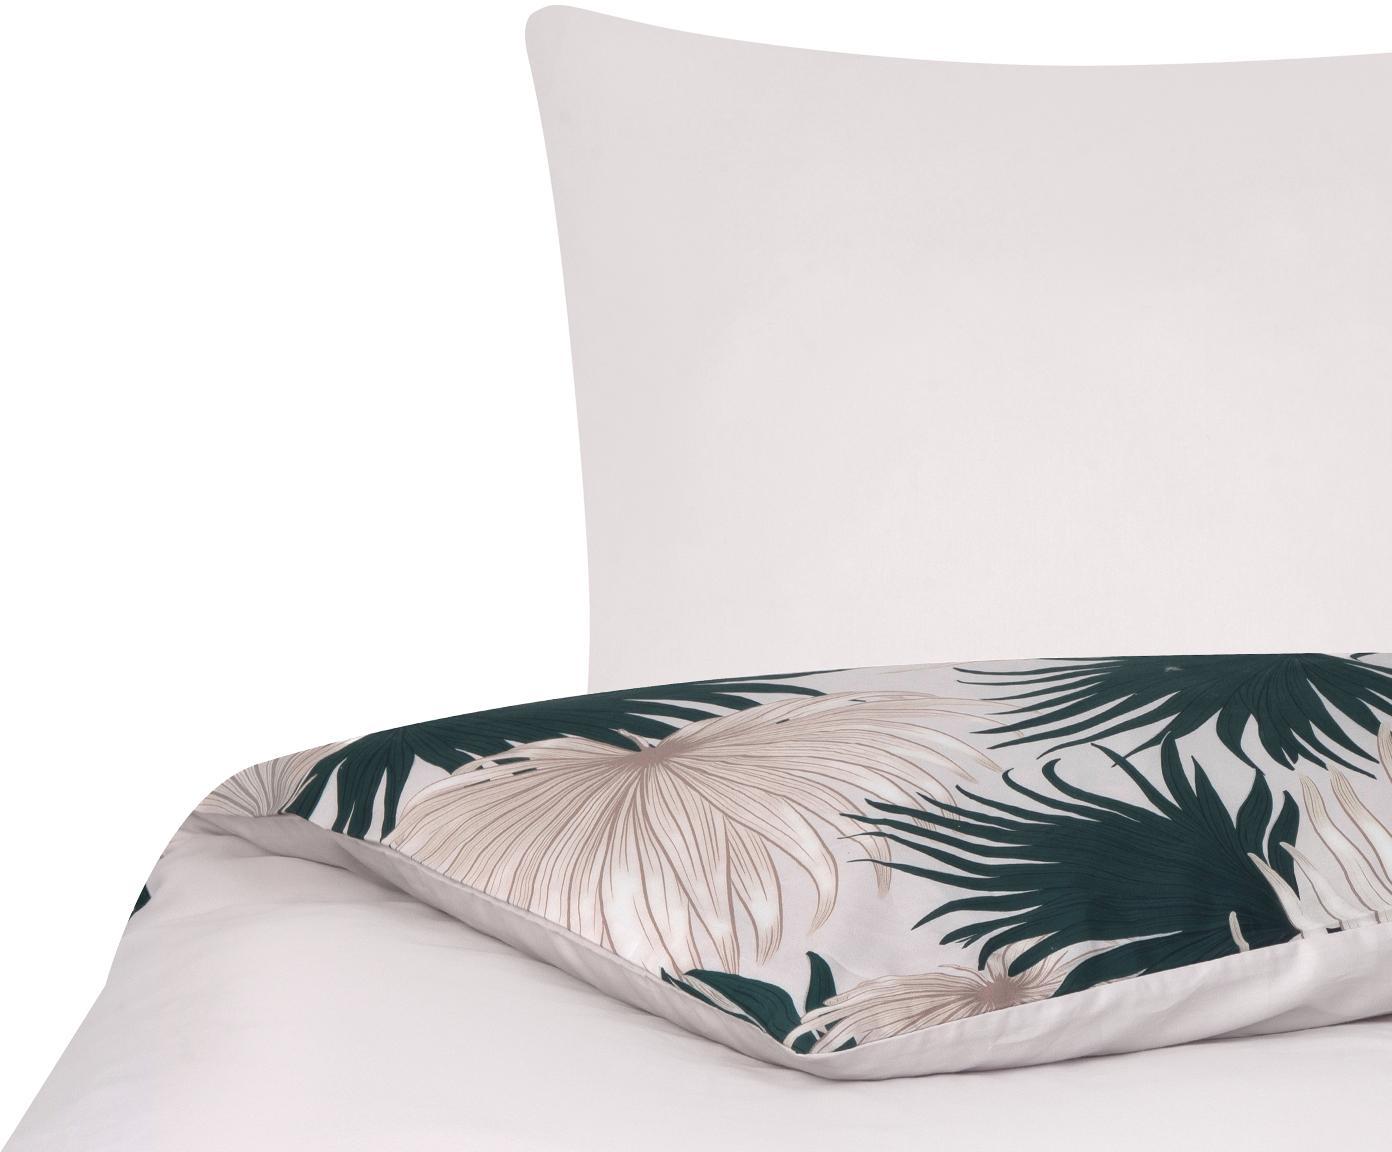 Pościel z satyny bawełnianej Aloha, Przód: beżowy, zielony Tył: beżowy, 135 x 200 cm